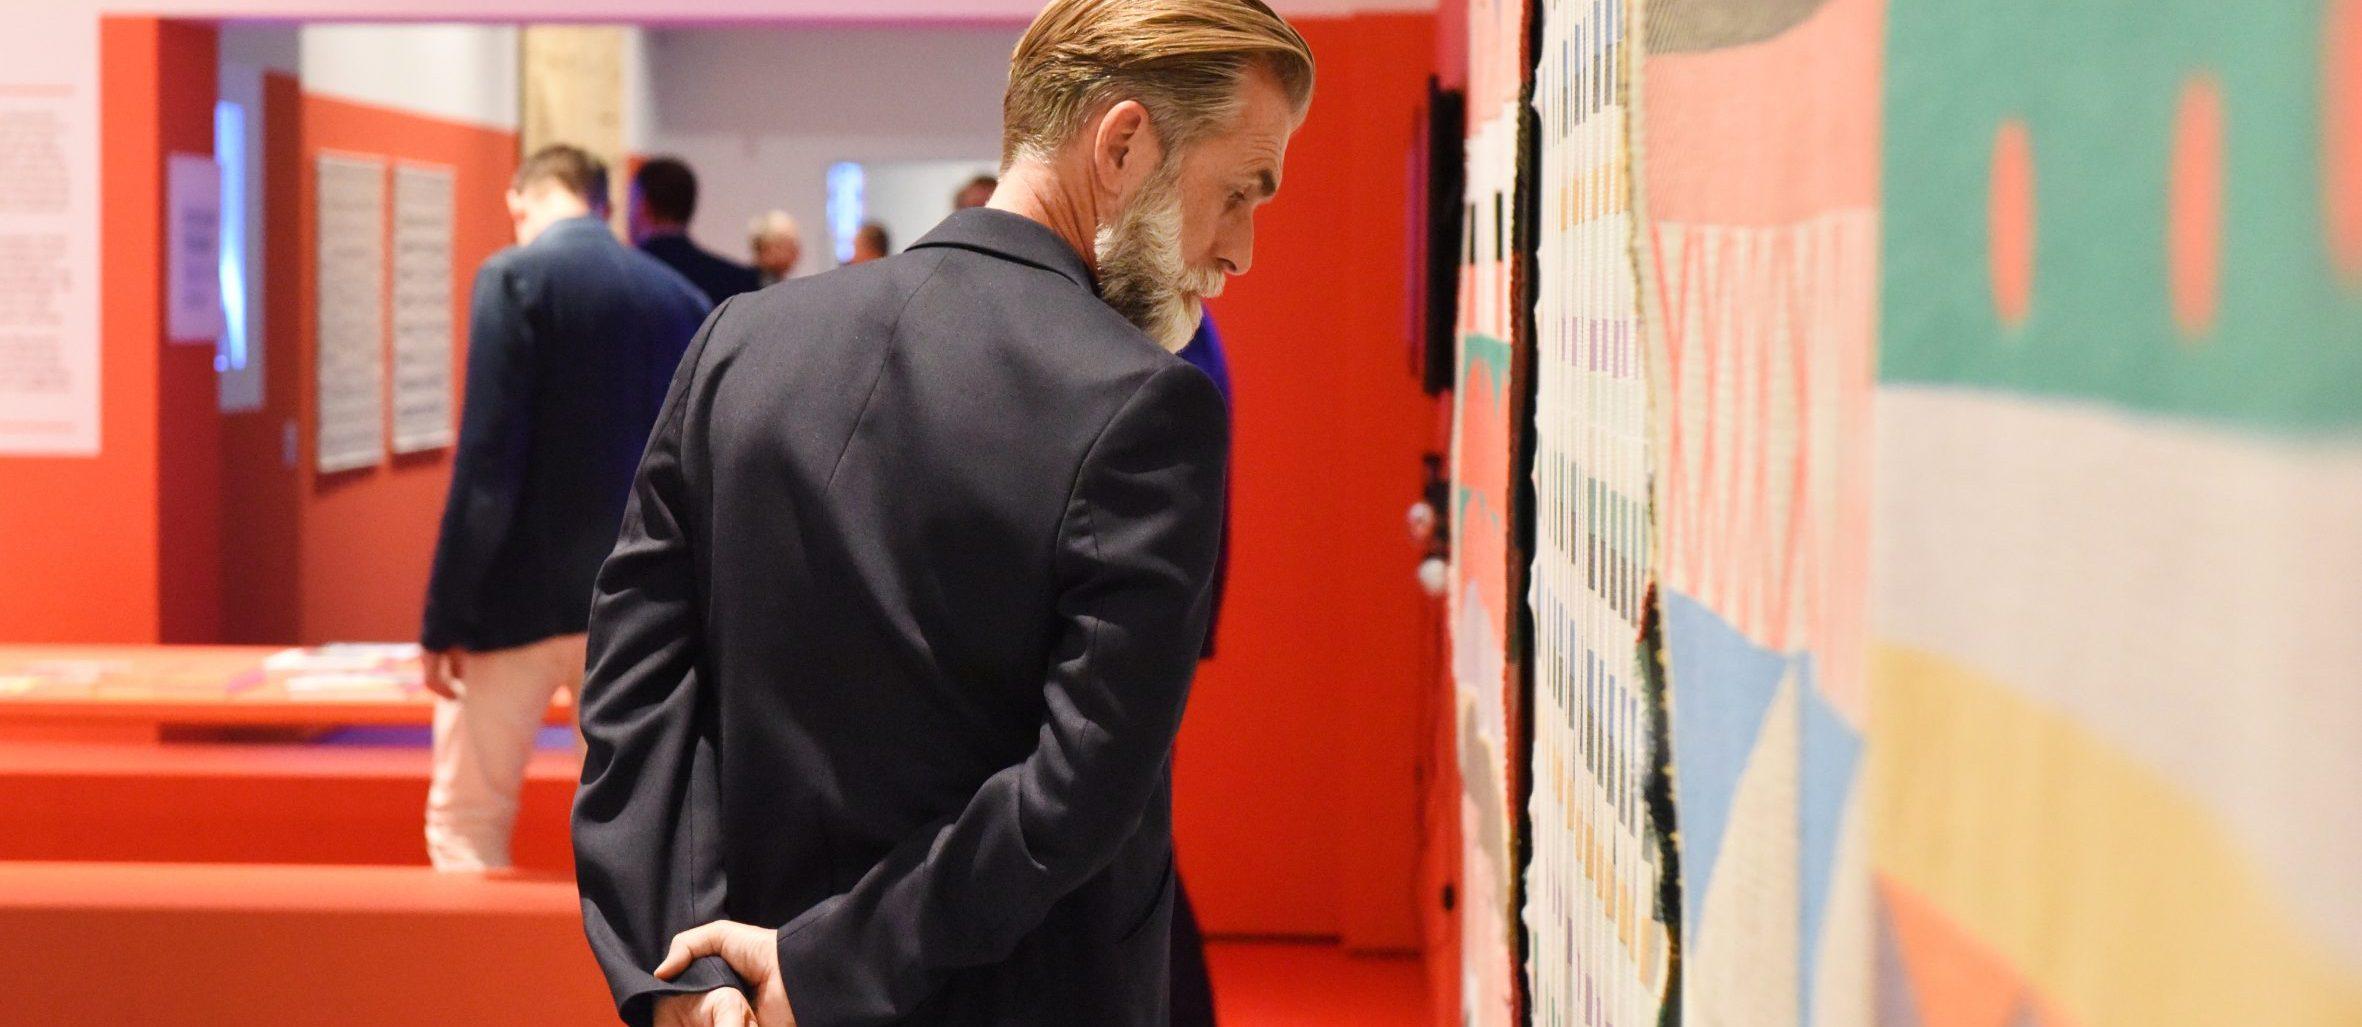 Bezoeker in de tentoonstelling Bauhaus